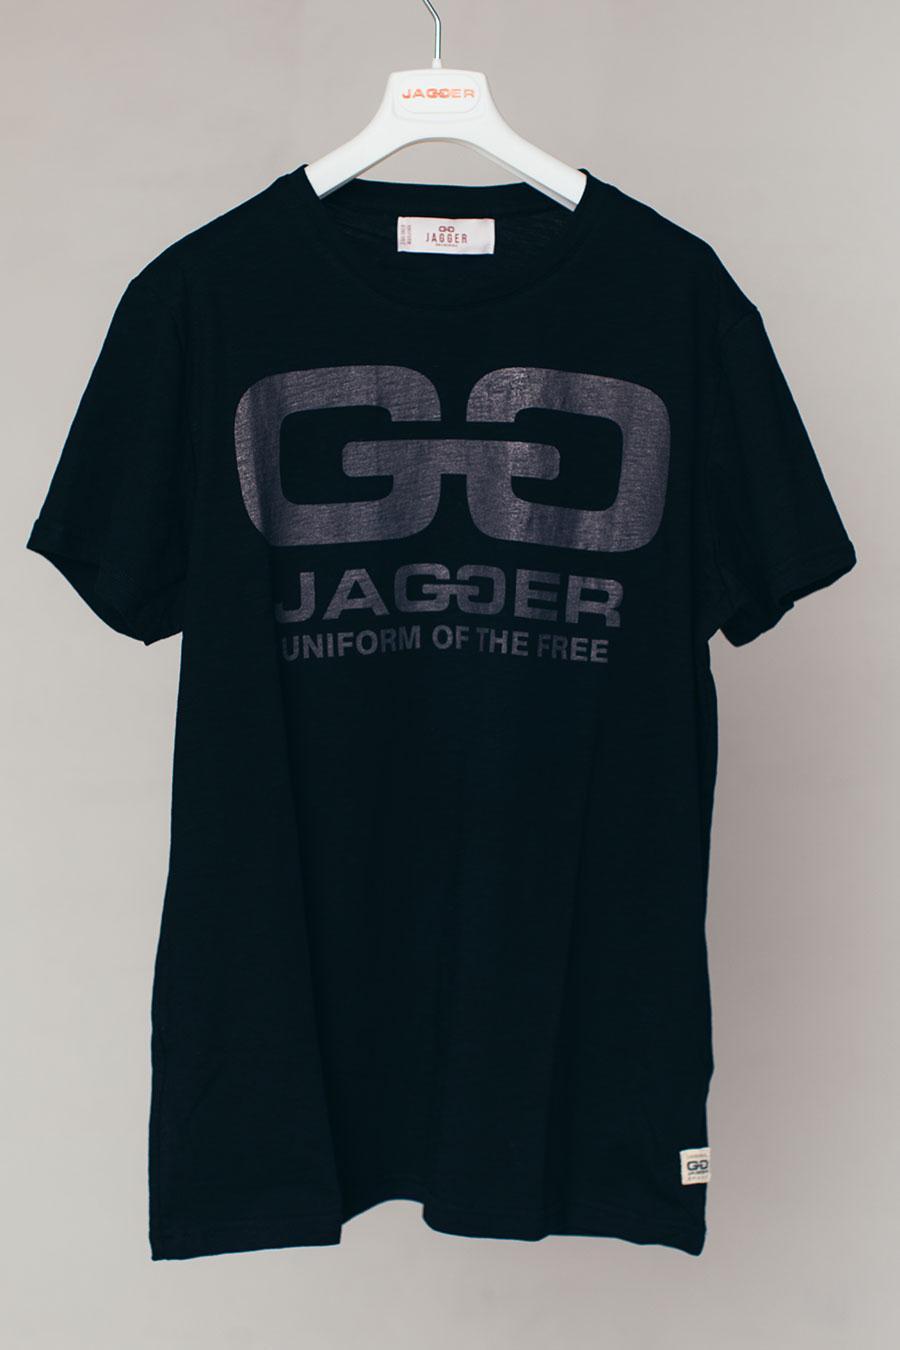 jagger zmuska majica kolekcija prolece leto 2021 ss 2021 kupi online jm 3022 01